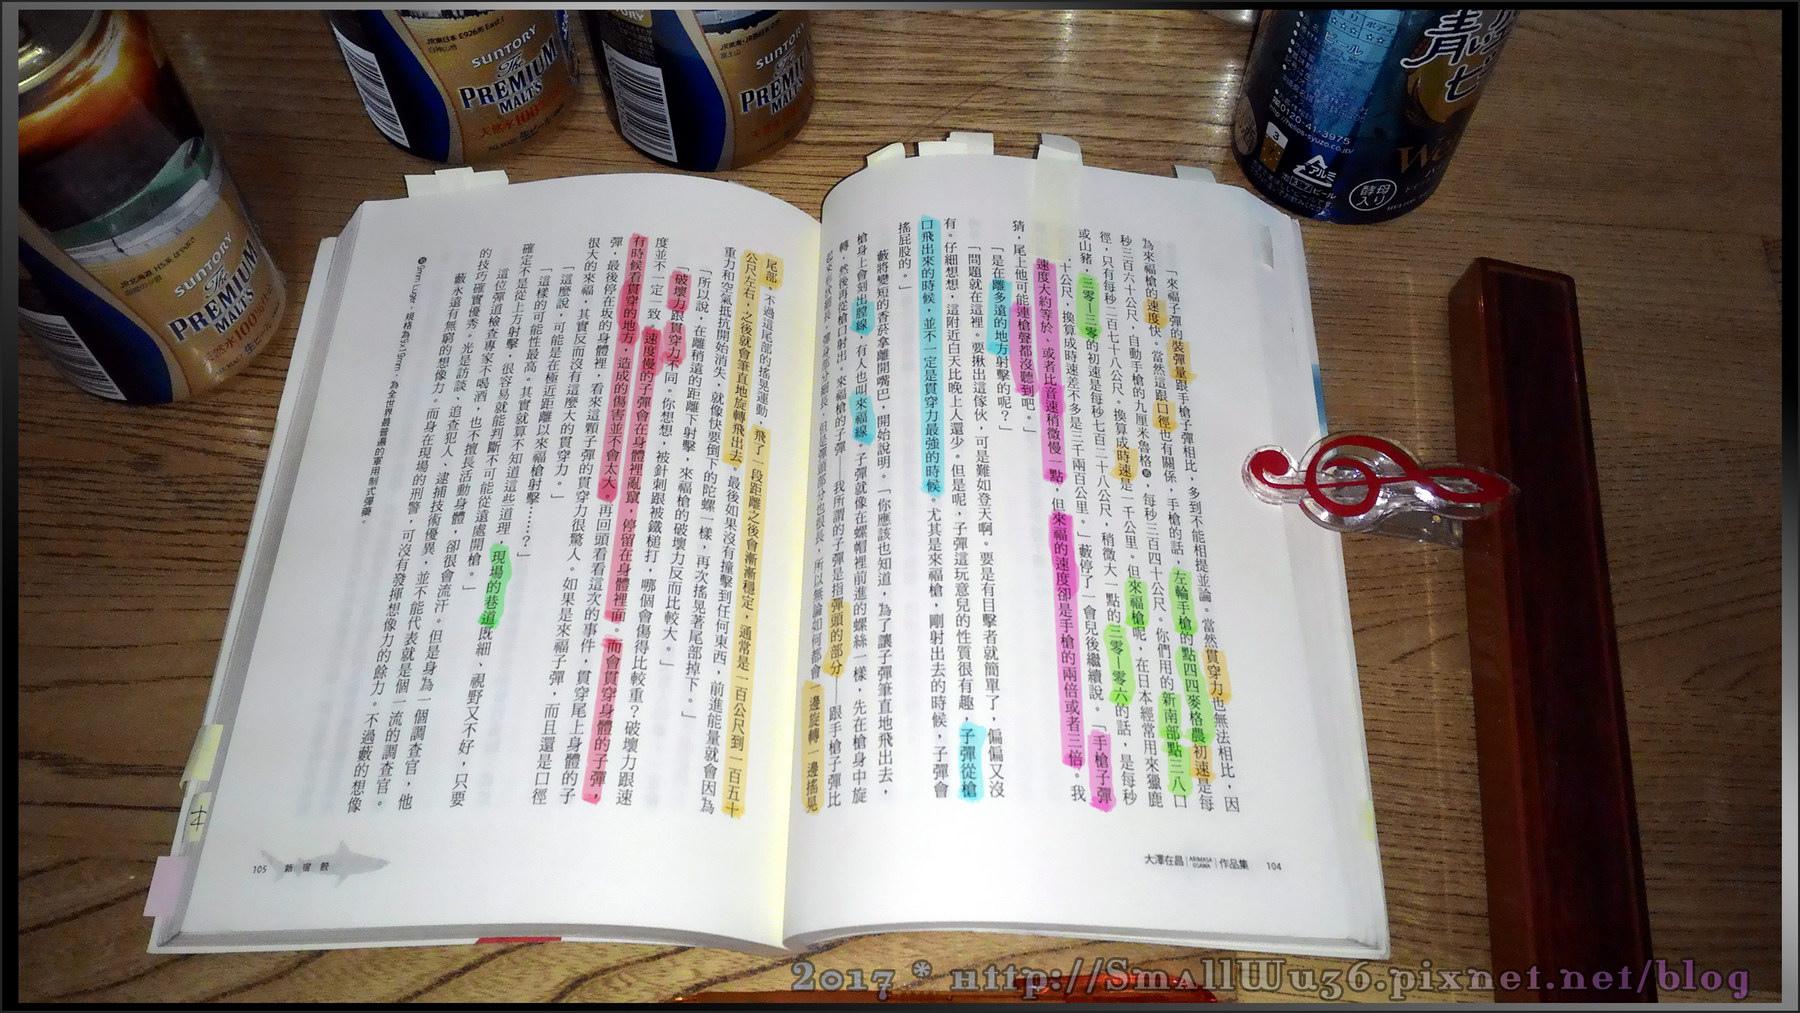 [小說感想] 大澤在昌(大沢在昌)《新宿鮫》(新宿鮫系列1),皇冠文化-004.jpg